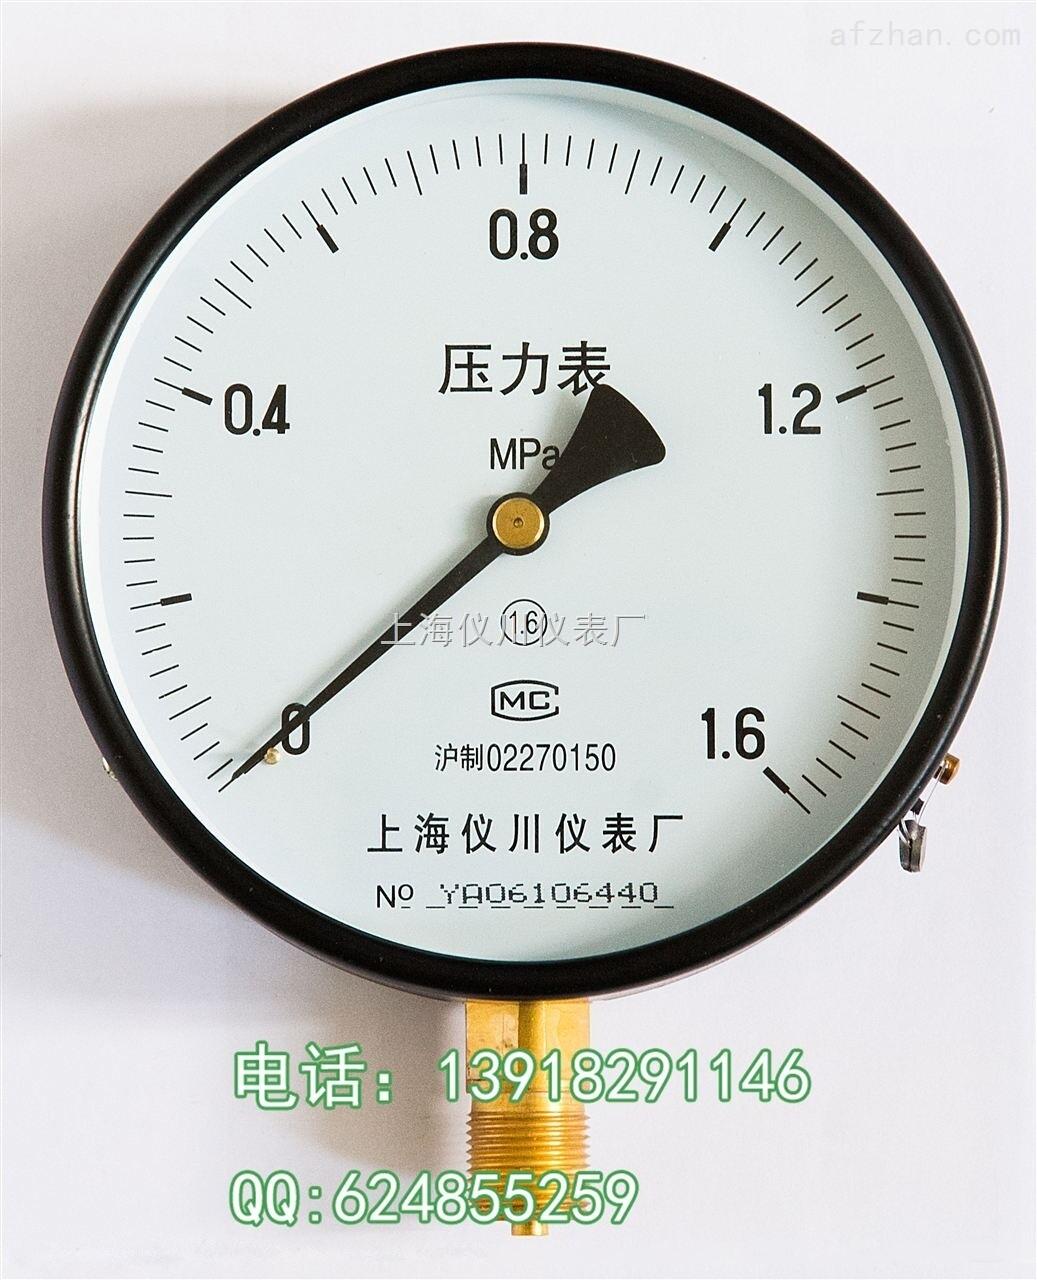 地址: 产品简介               一般压力表适用于测量无爆炸危险,不